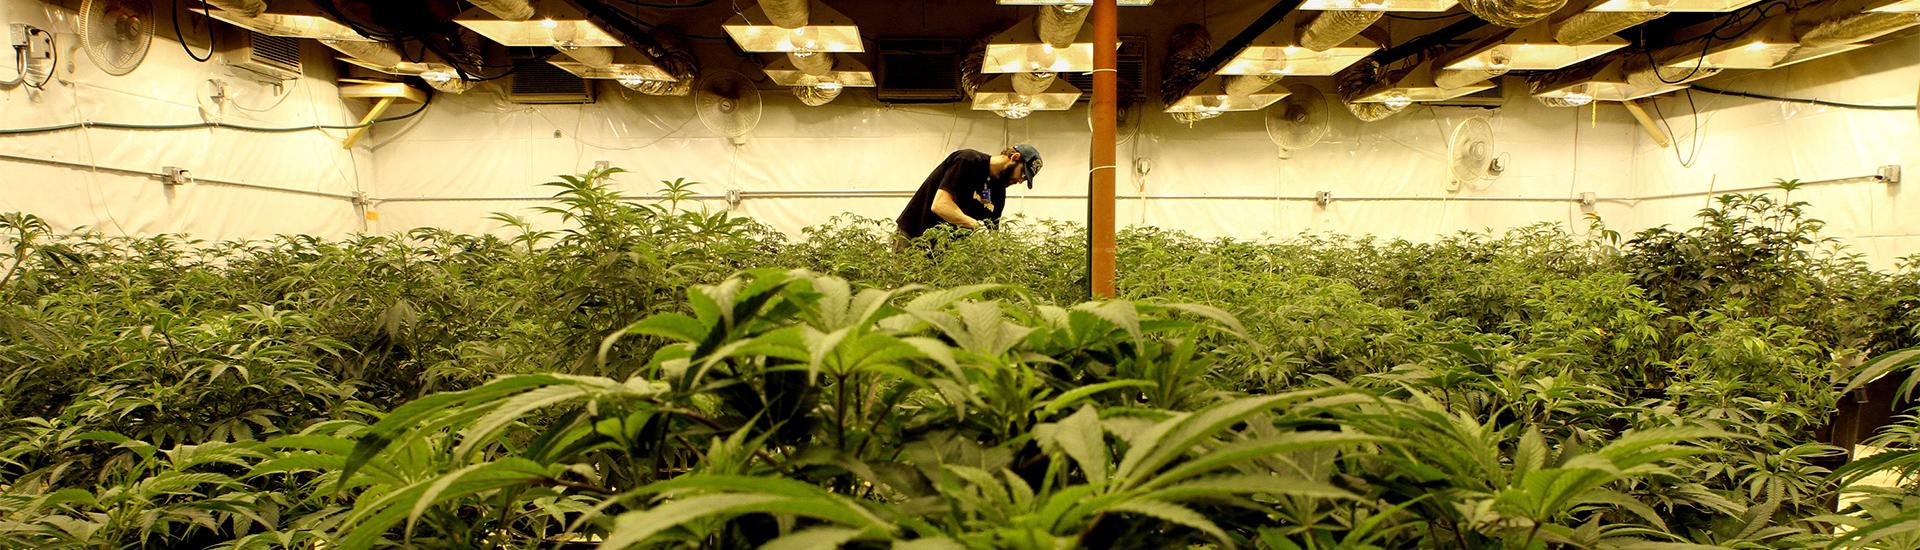 L'industrie du cannabis en 2016